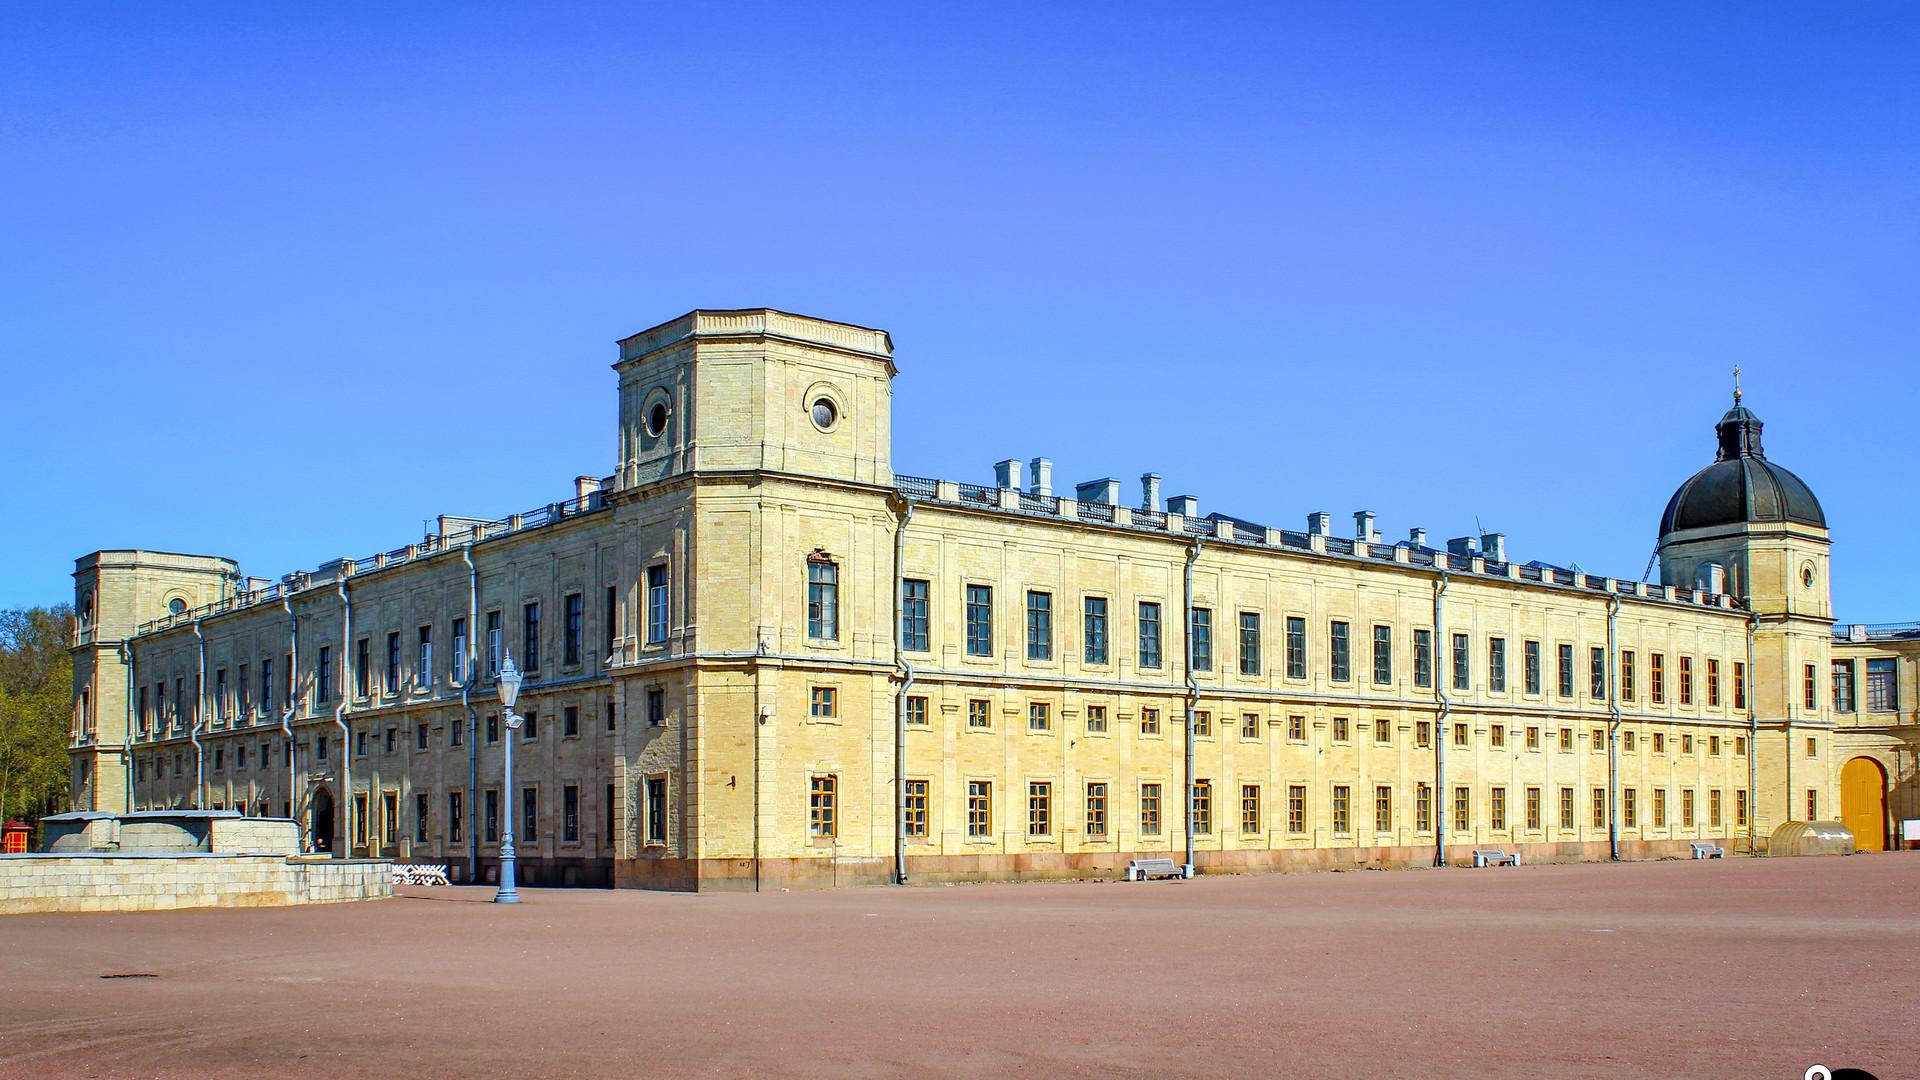 Гатчинский дворец, Гатчина